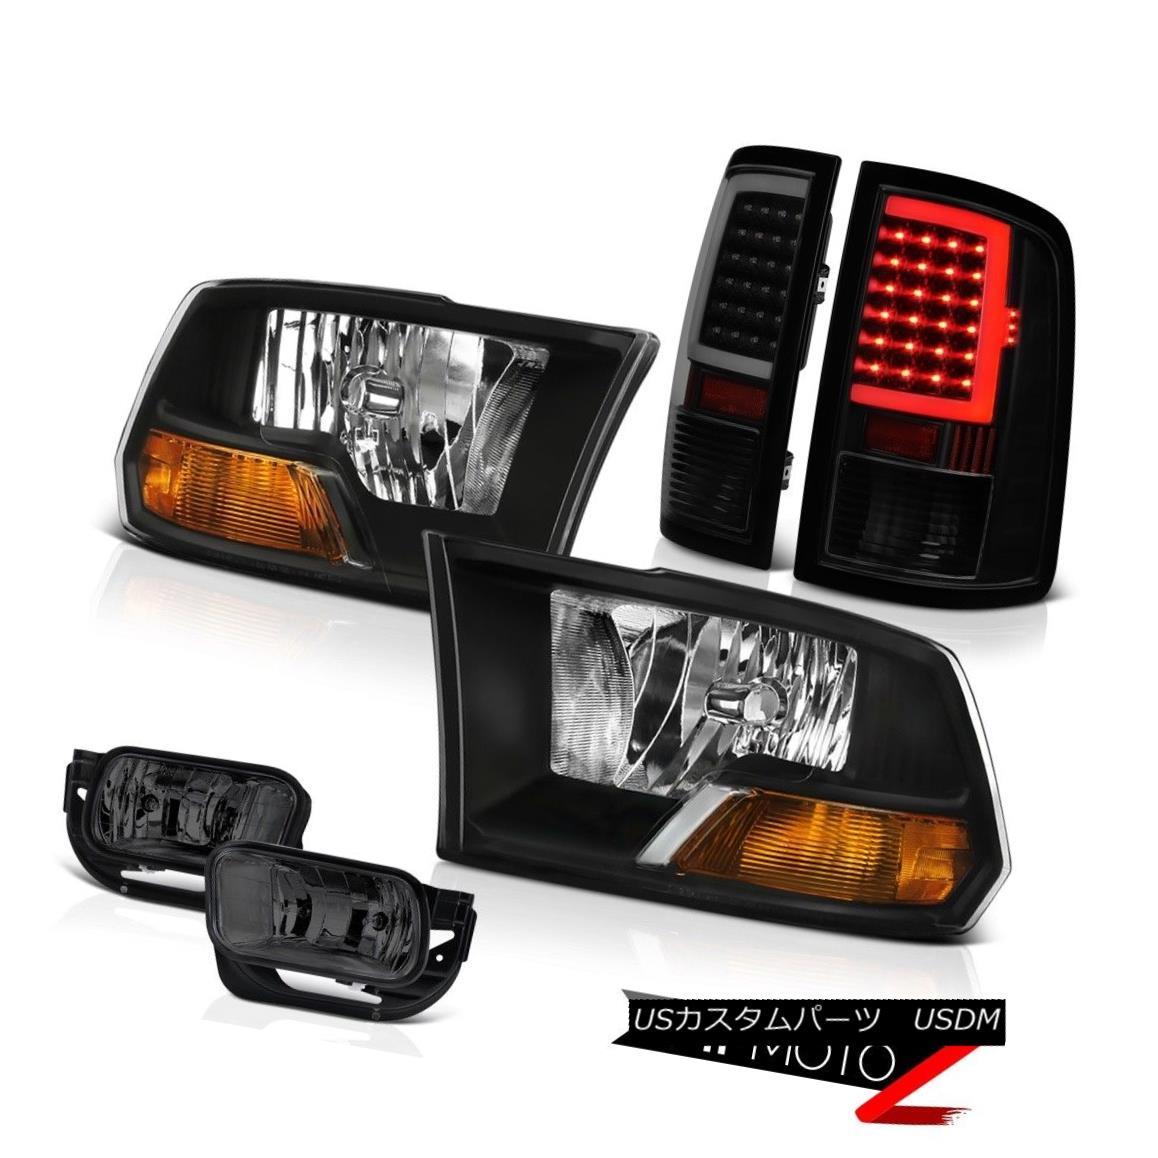 テールライト 2010-2013 Dodge RAM 1500 2500 Tail Light Driving Black Factory Style Headlight 2010-2013 Dodge RAM 1500 2500テールライトドライビングブラックファクトリースタイルヘッドライト